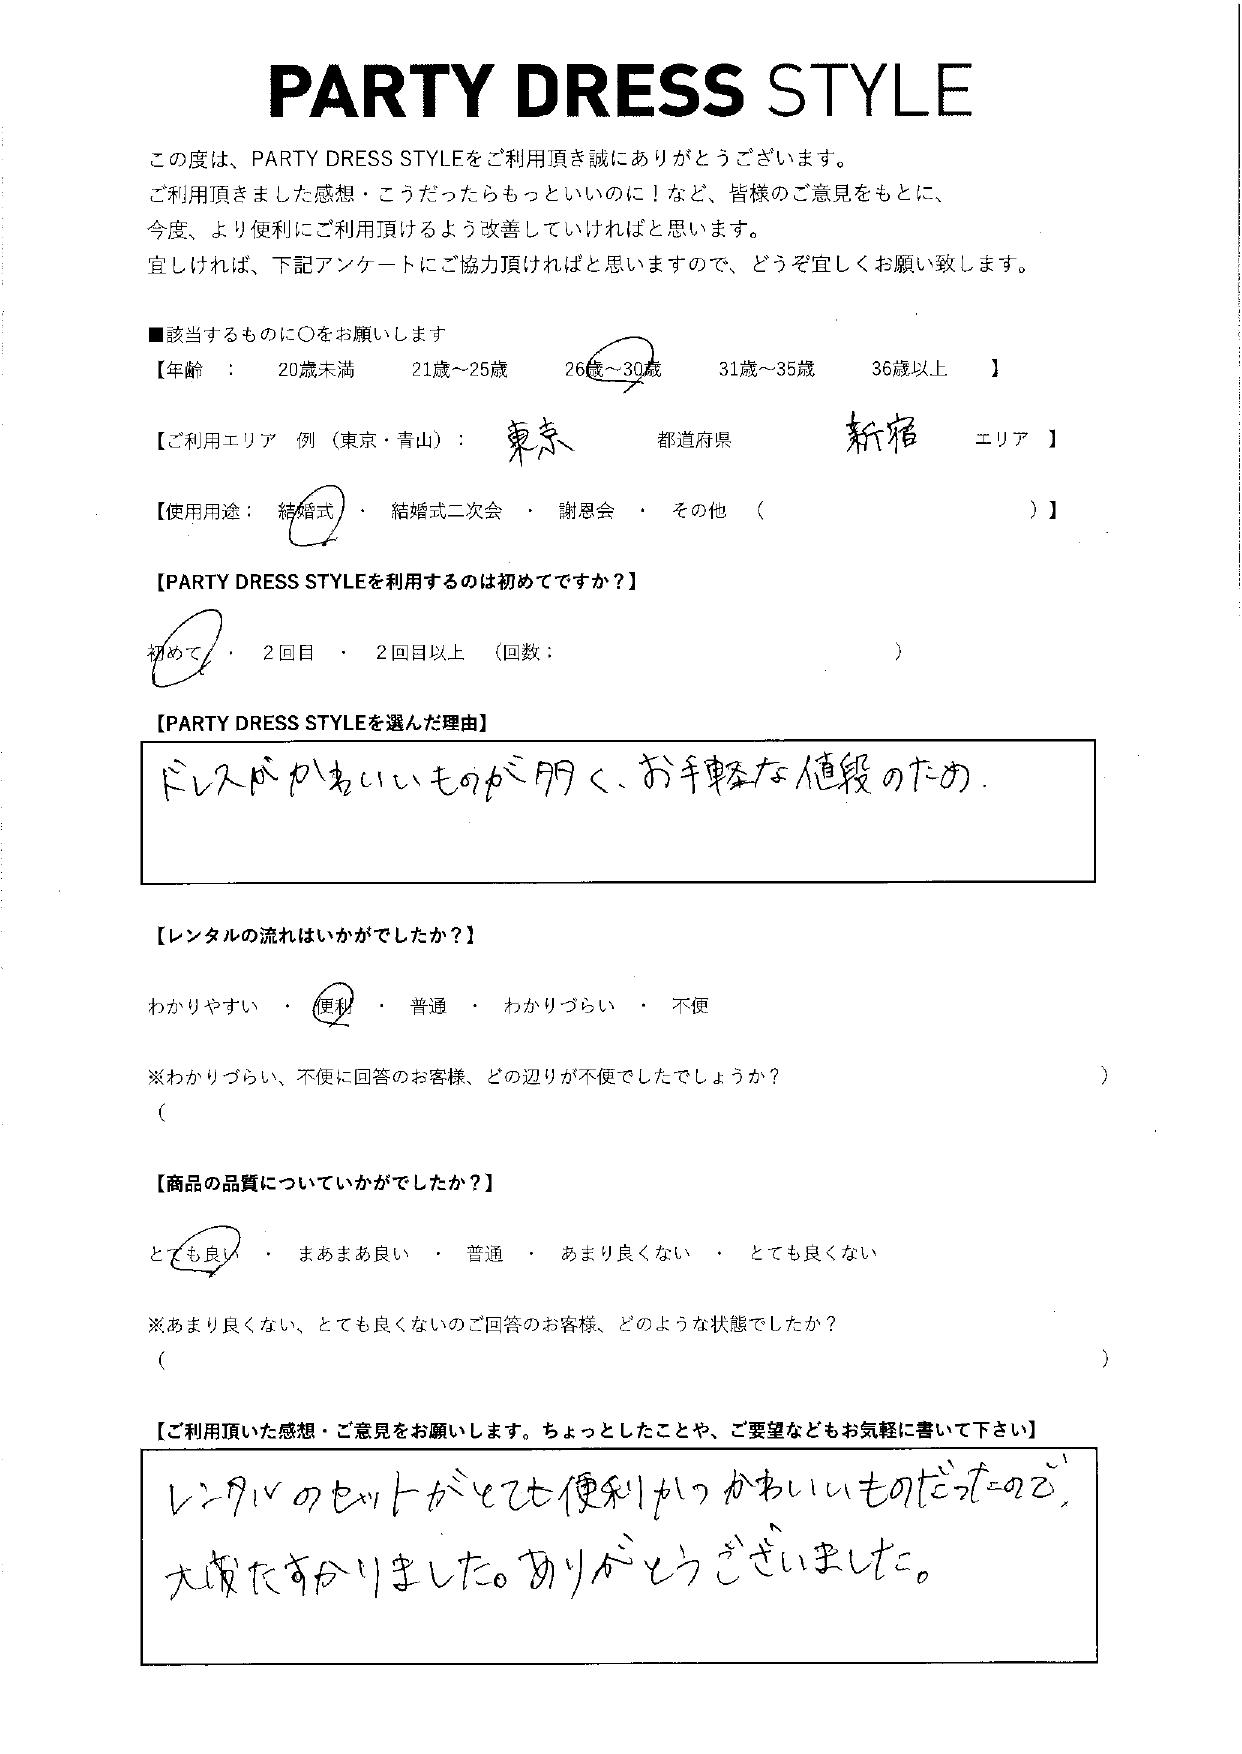 11/23結婚式ご利用 東京・新宿エリア